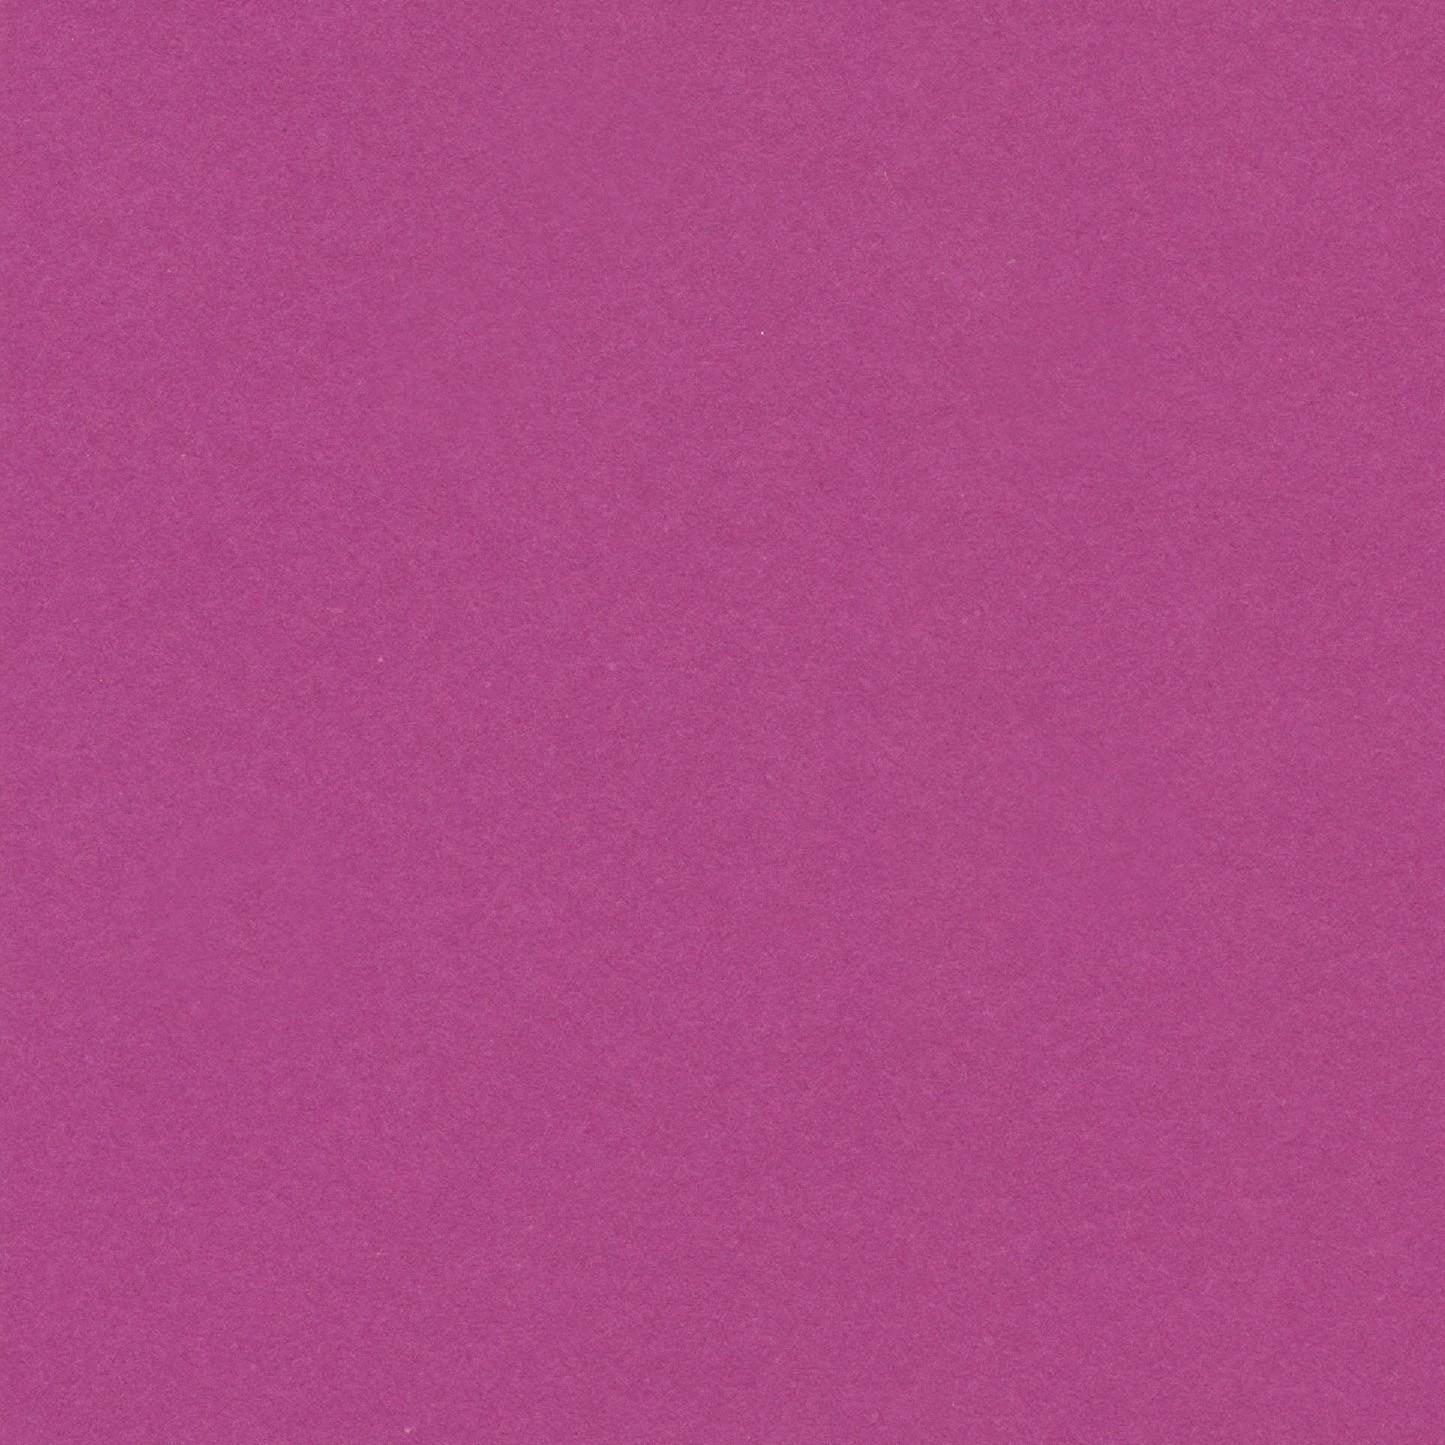 Pink - Fushia 135gsm